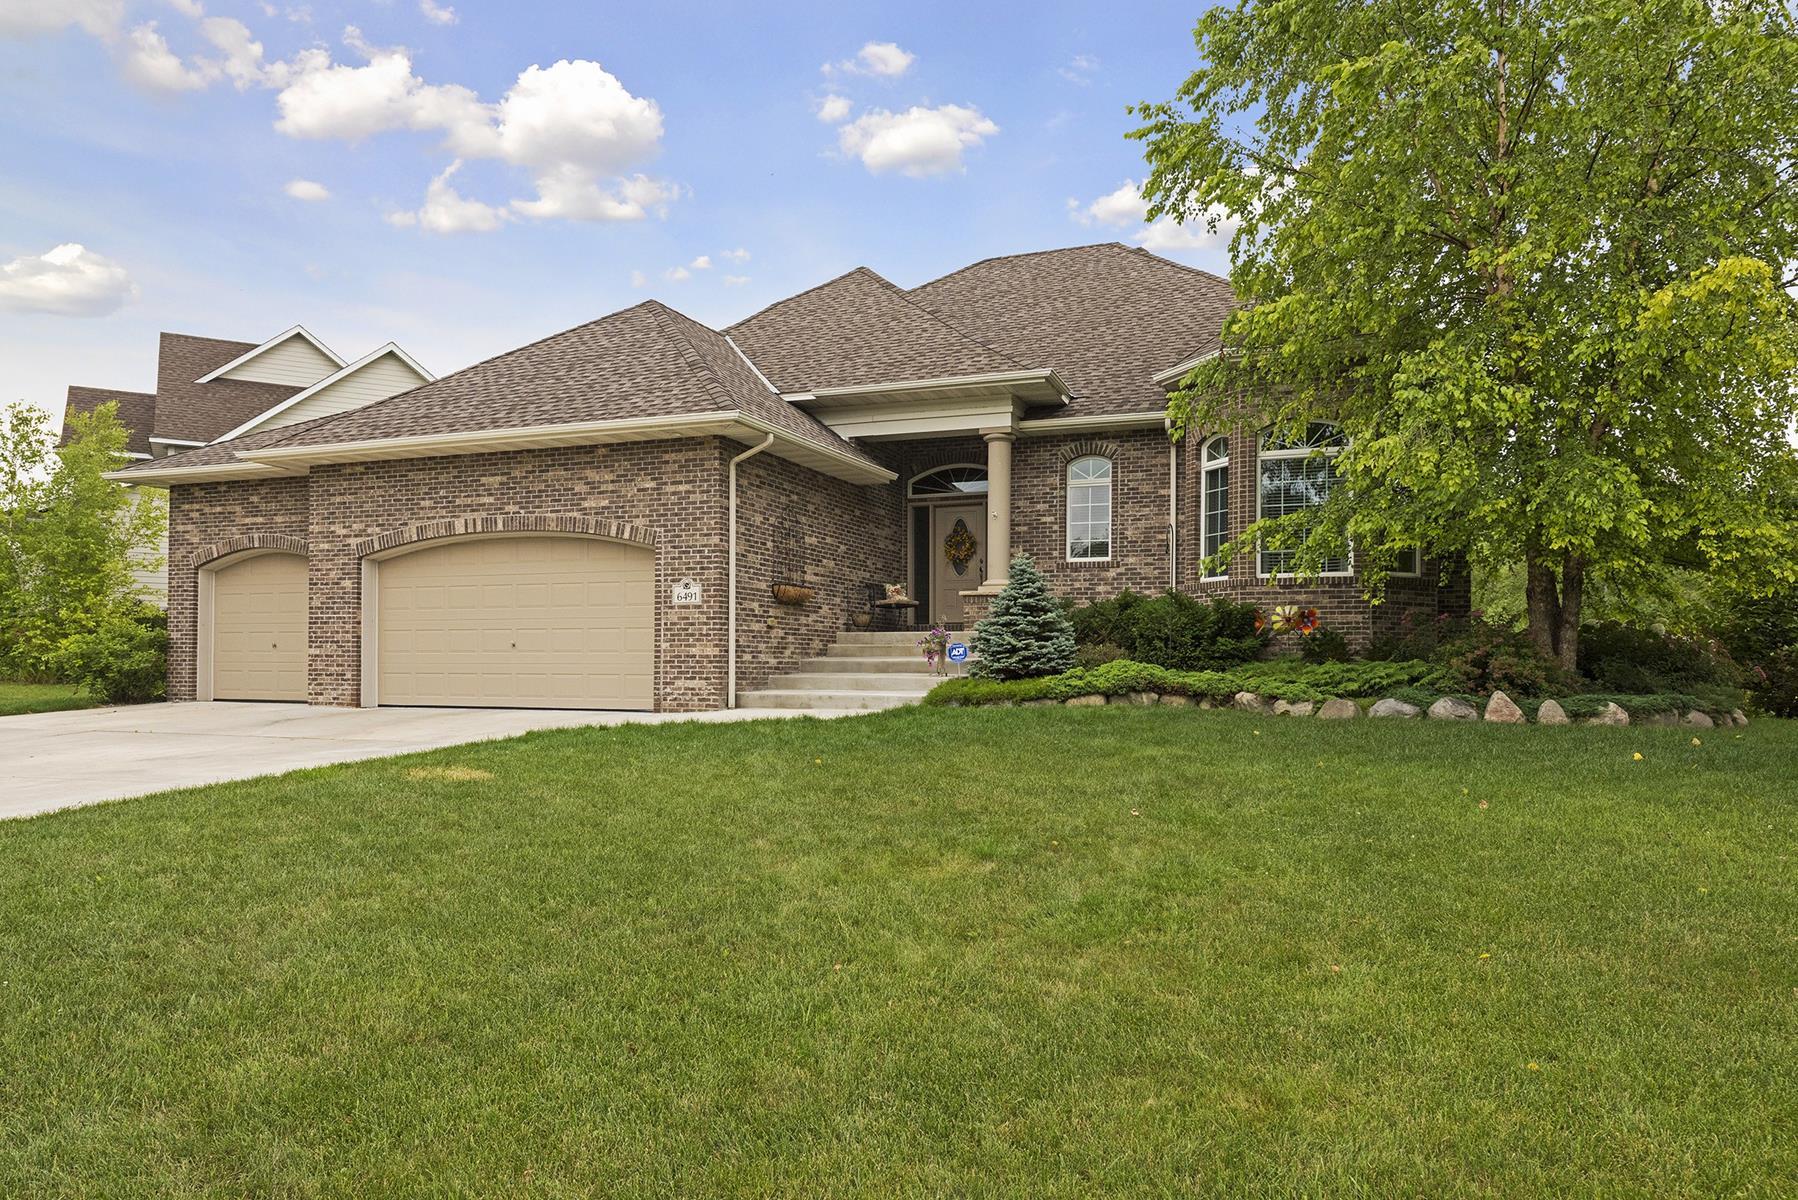 Casa Unifamiliar por un Venta en 6491 Pipewood Curve Chanhassen, Minnesota, 55331 Estados Unidos